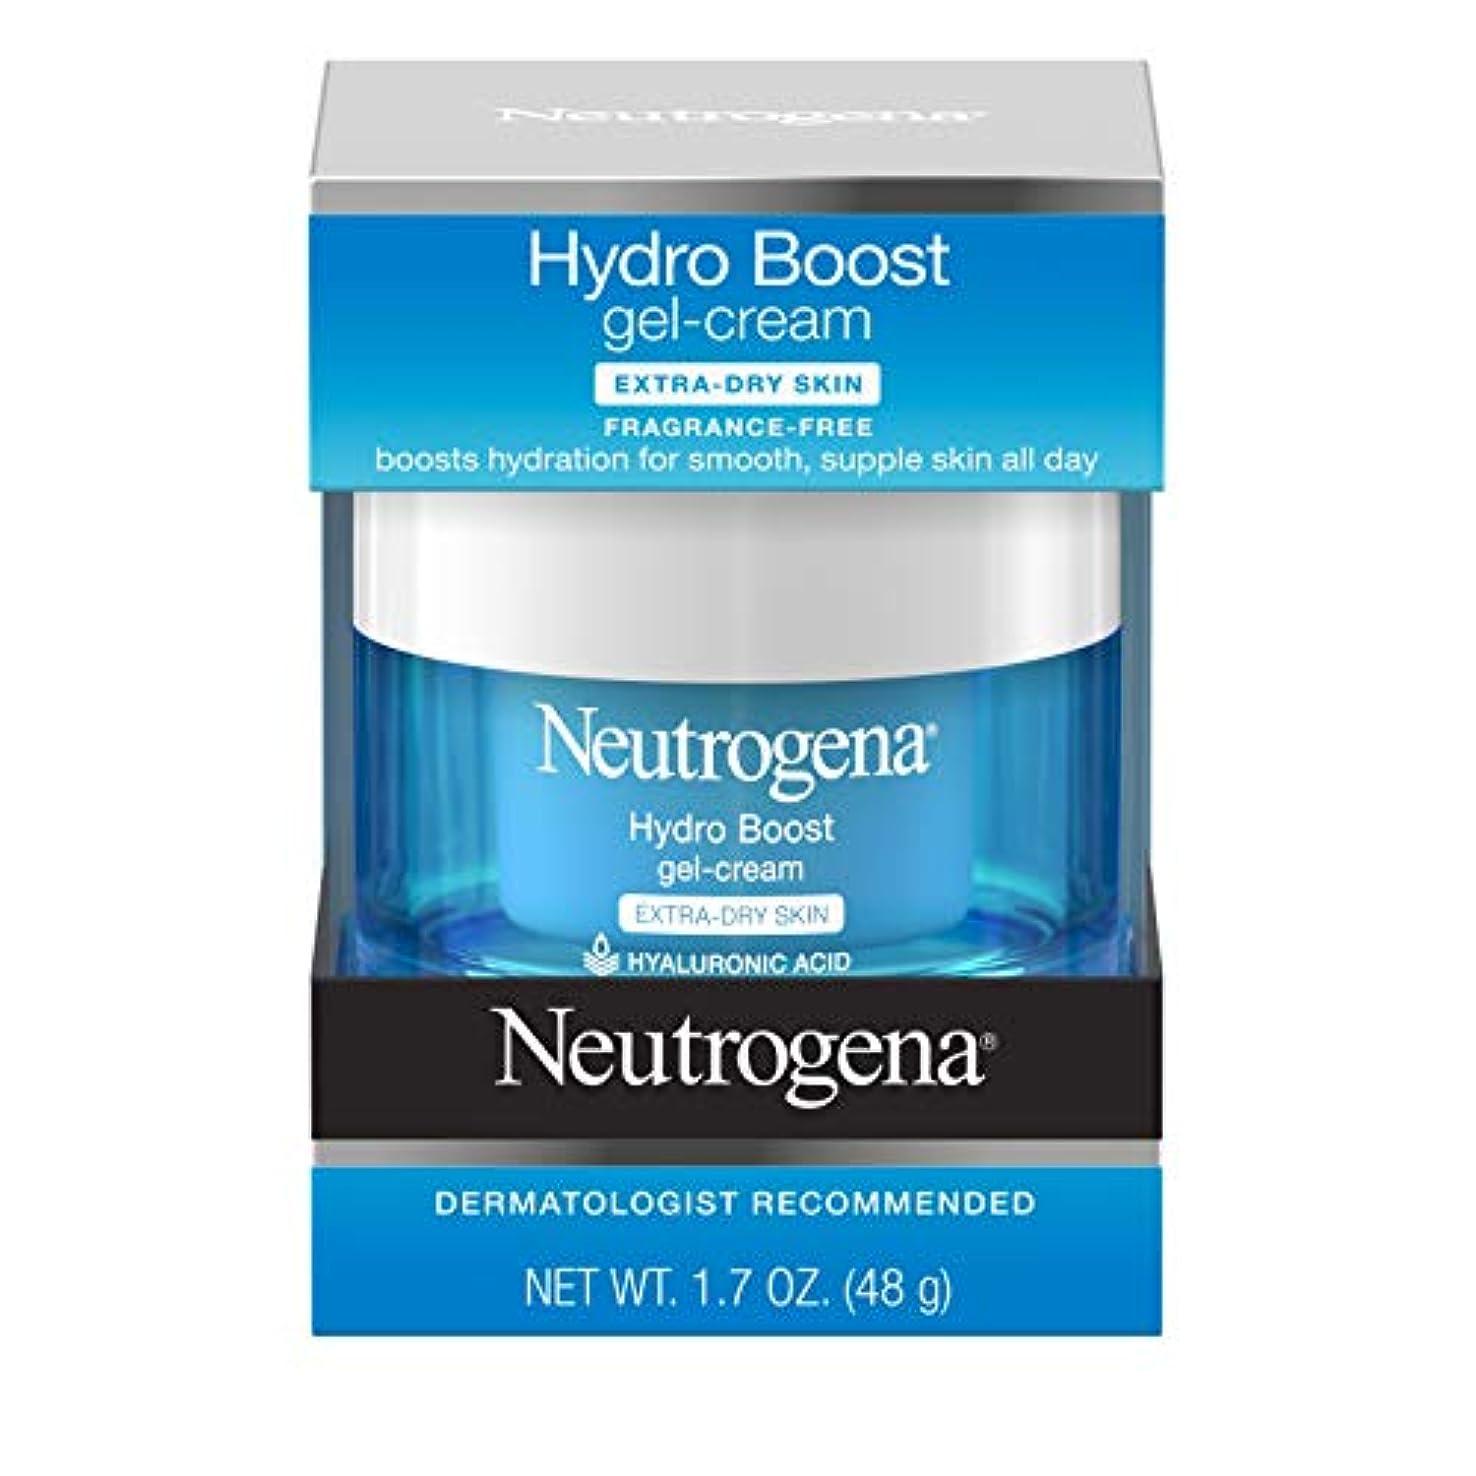 気づかない応じるマイルドNeutrogena Hydro Boost Gel Cream, Extra Dry Skin, 1.7 Ounce  海外直送品?並行輸入品